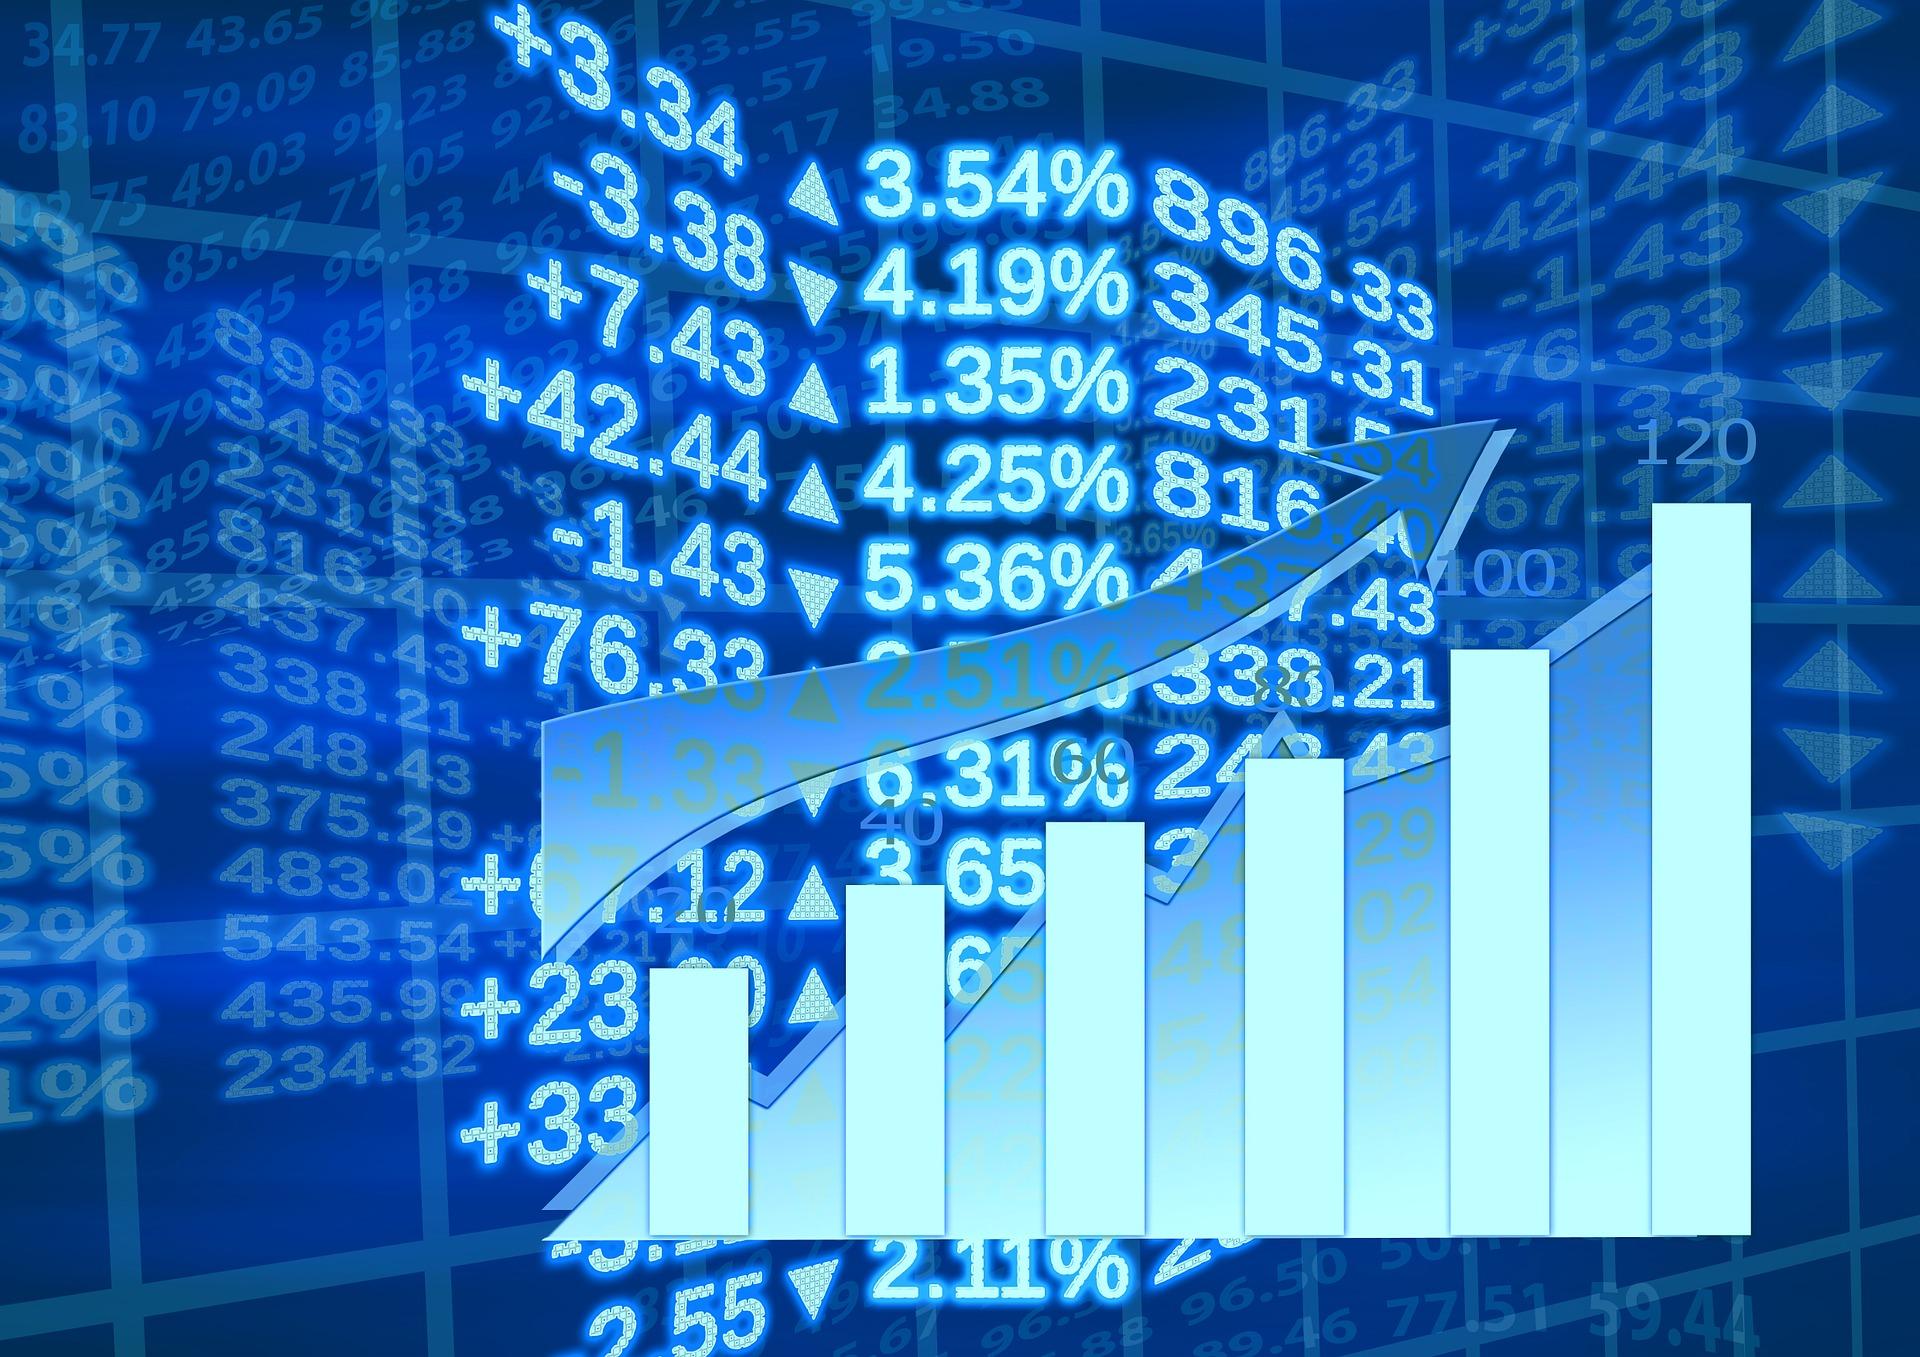 forex-skuteczna strategia-myforex-trader-trading-waluty-dax-prosta strategia tradingowa-broker-sukces-wolumen-vsa-świec japońskie-formacje świecowe-poziomy fibo-scalping